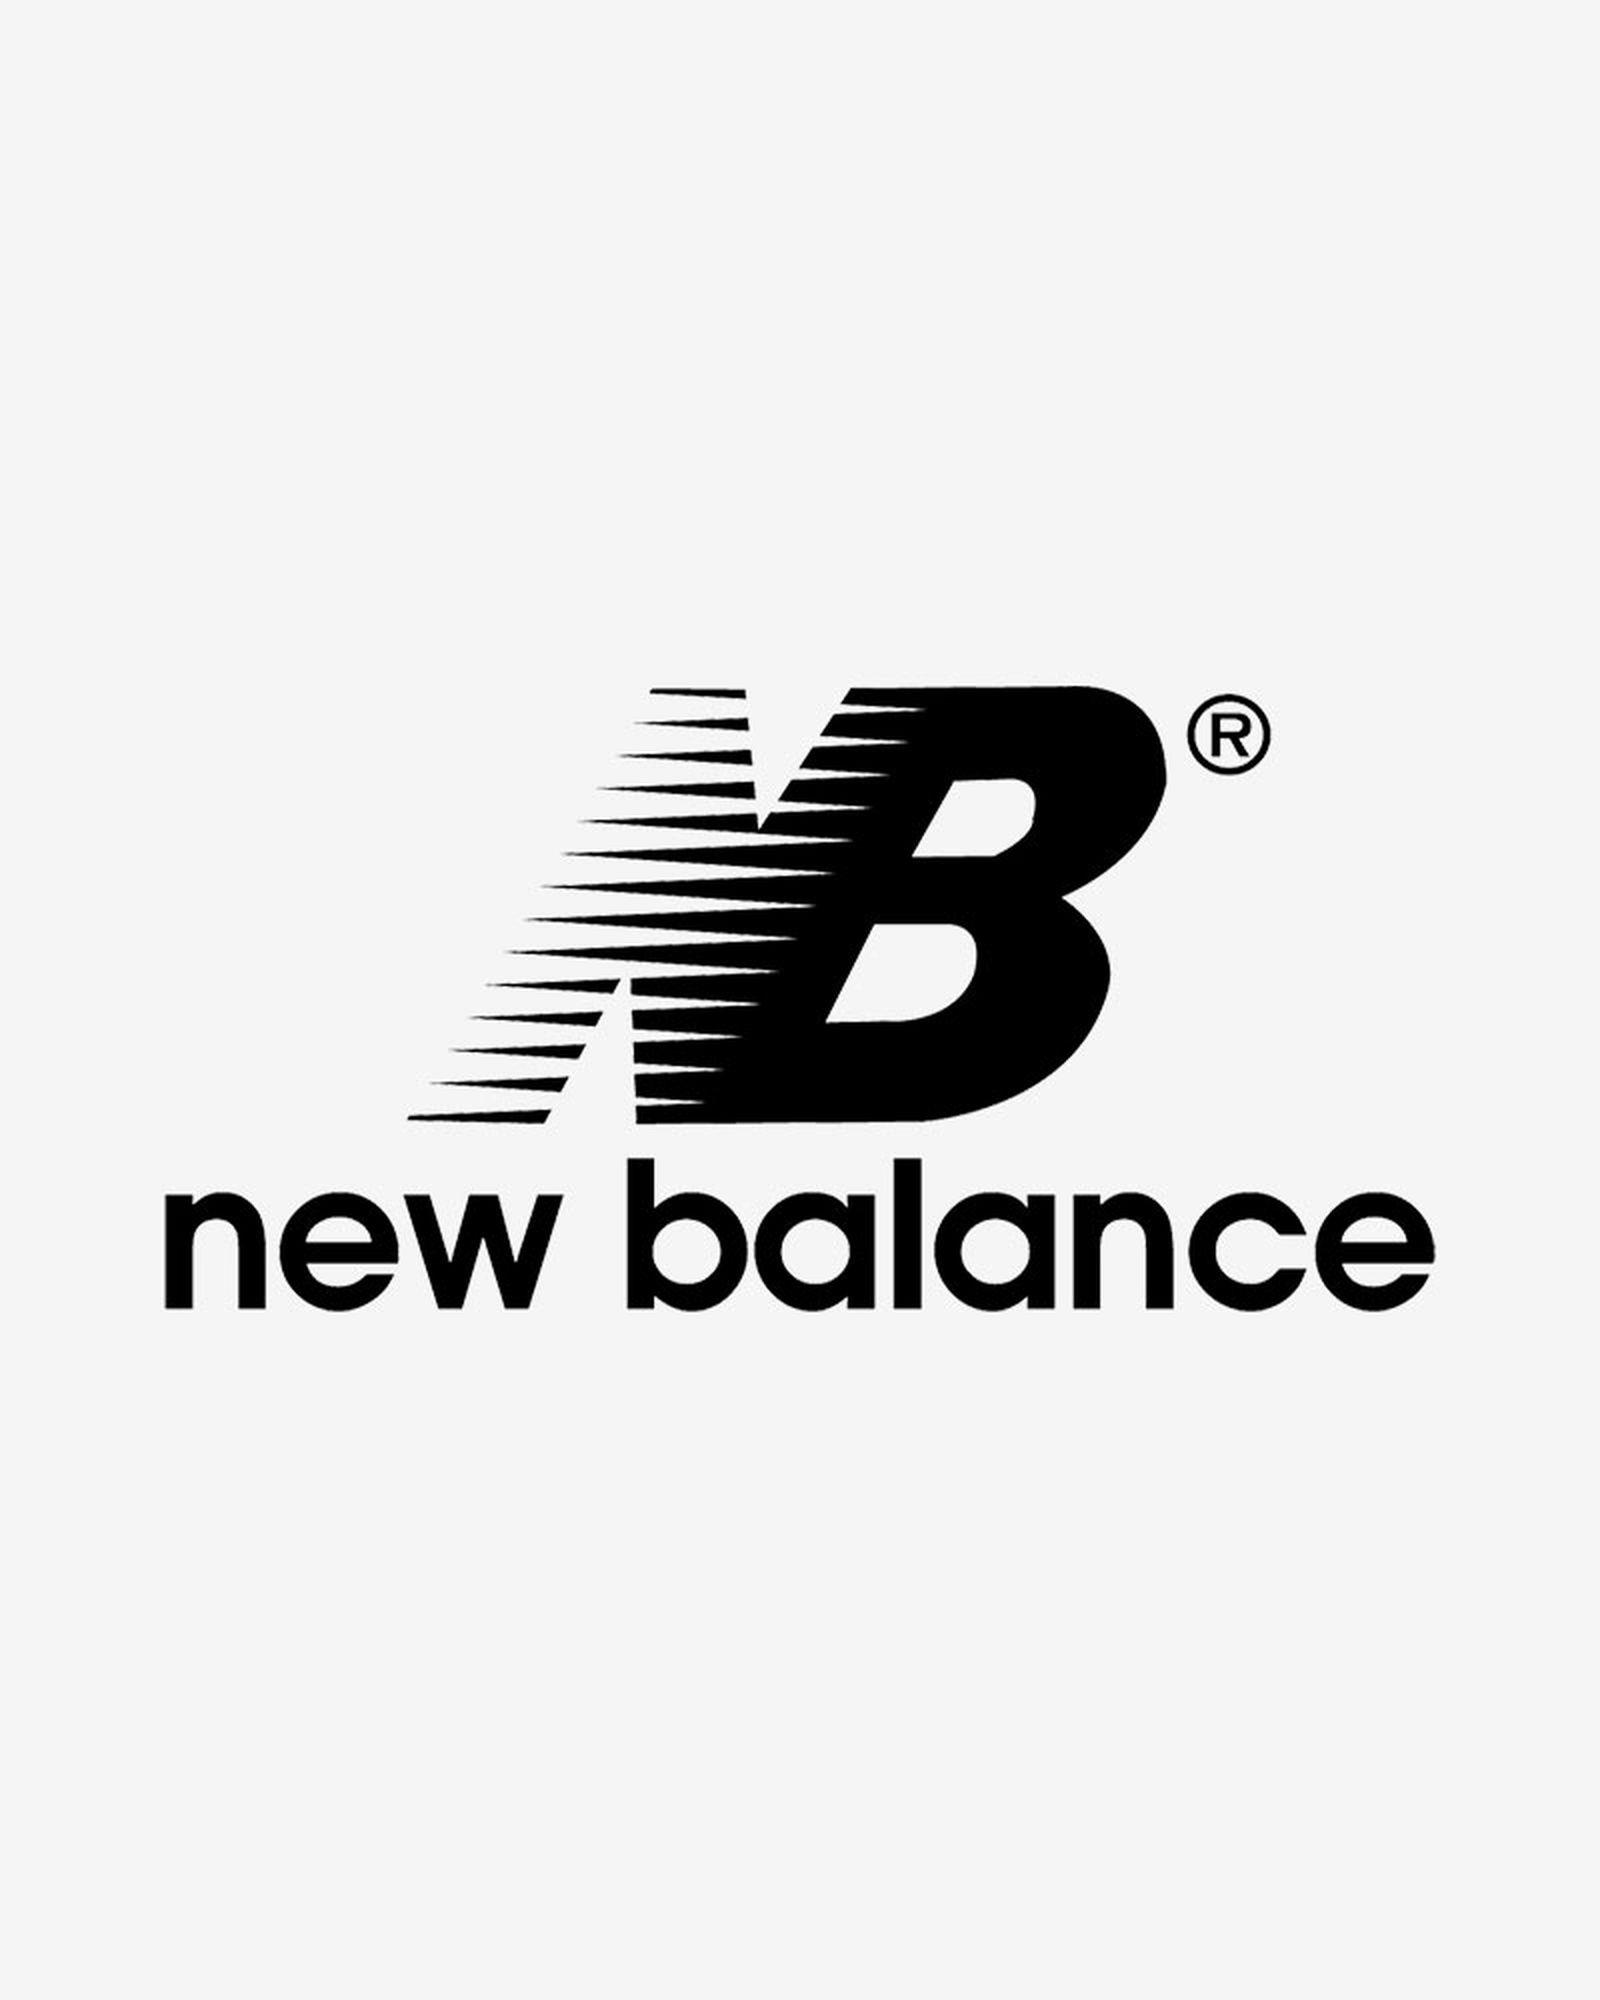 new-balance-new-barlun-01